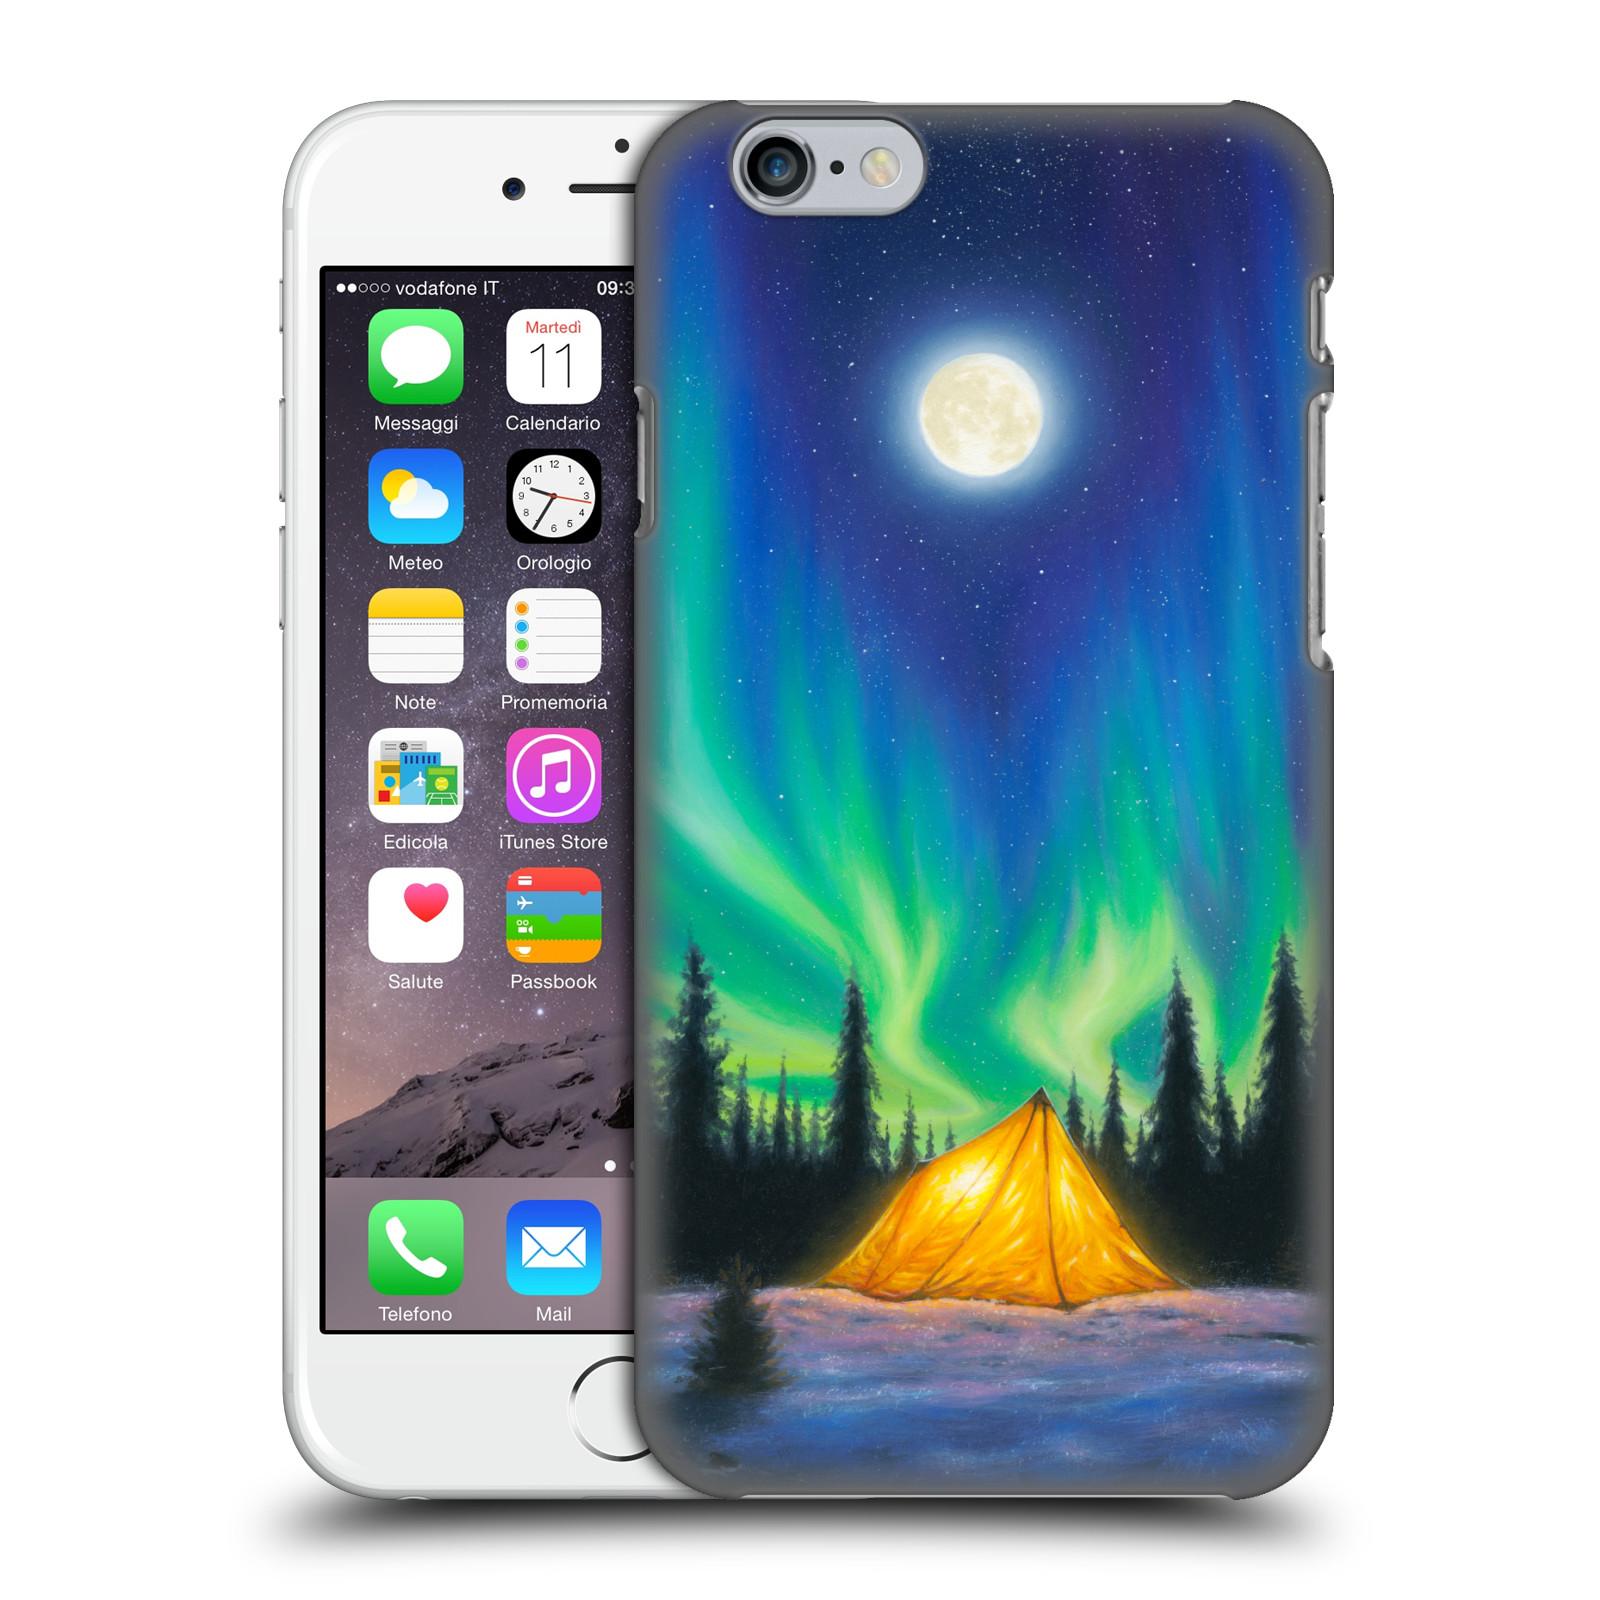 OFFICIAL-CHUCK-BLACK-LANDSCAPE-HARD-BACK-CASE-FOR-APPLE-iPHONE-PHONES